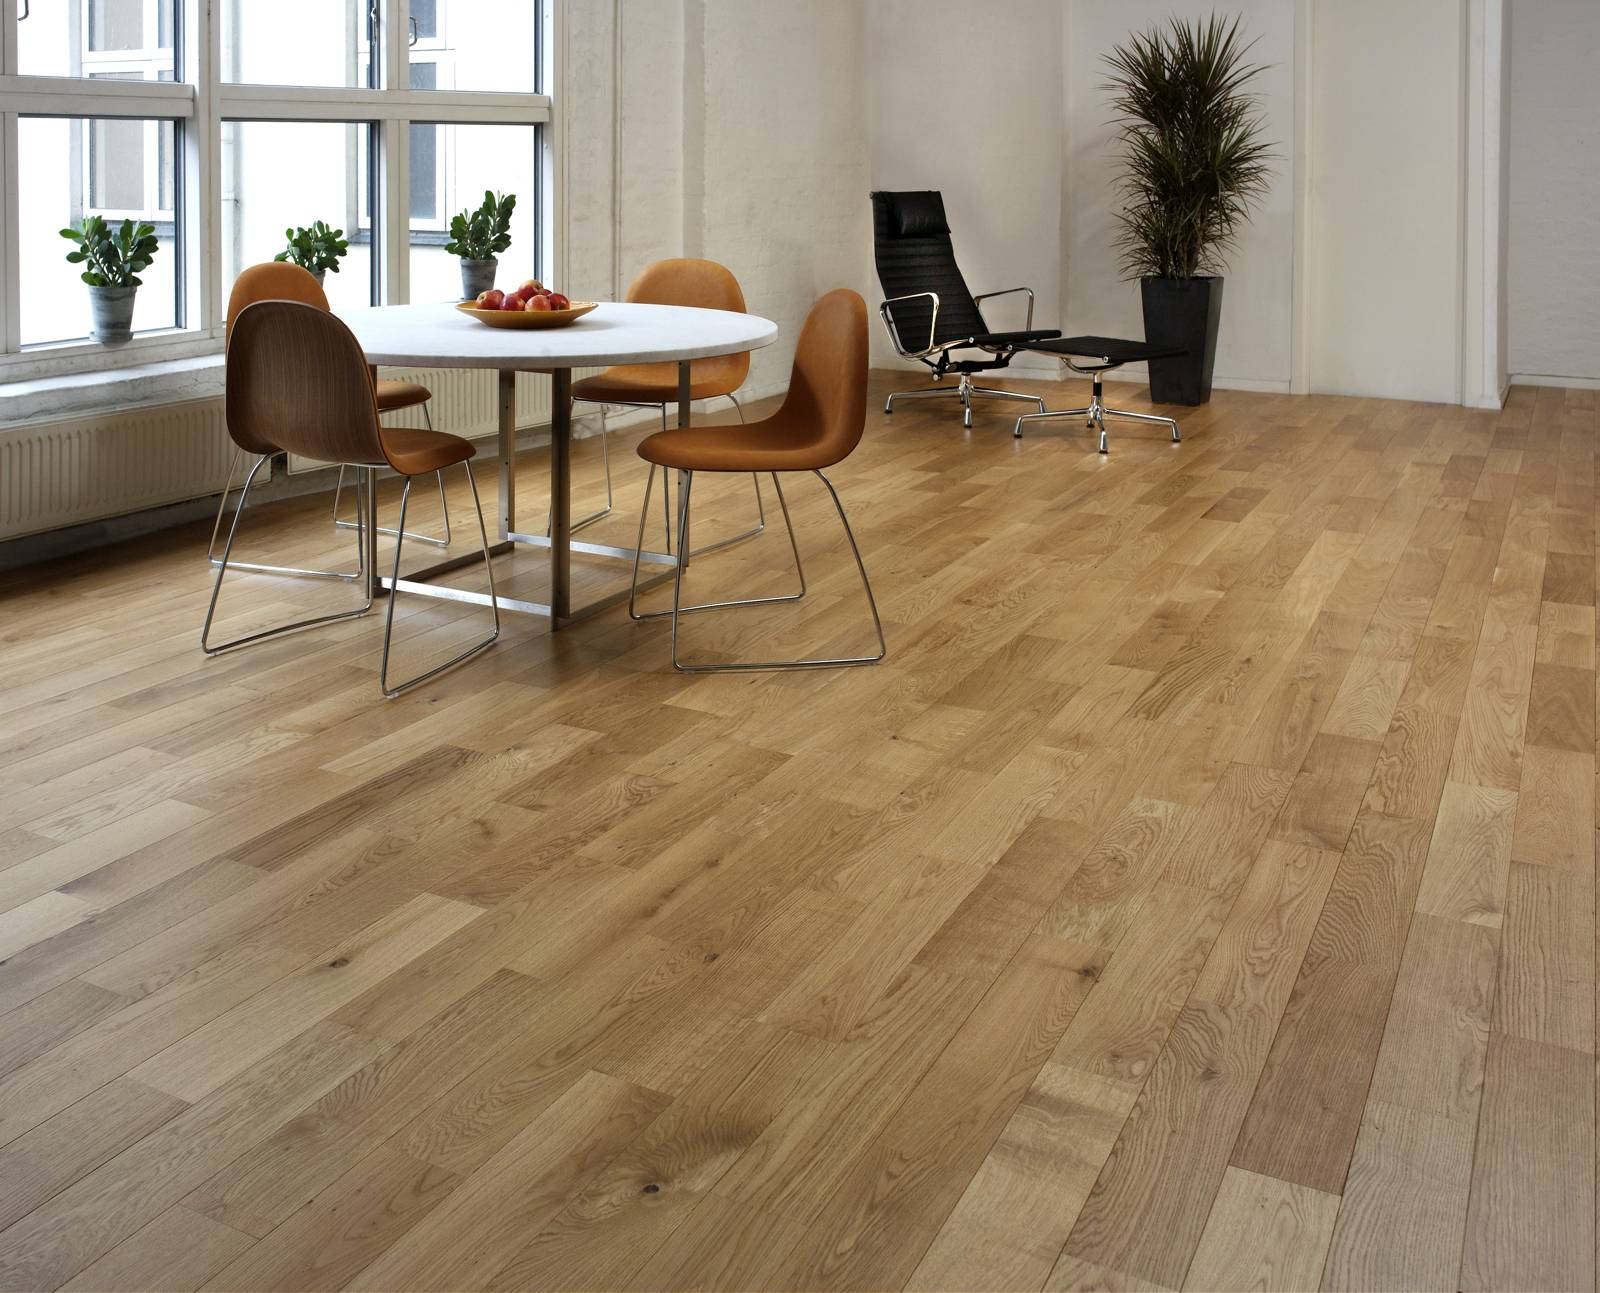 Junckers oak variation solid wood flooring - Suelo imitacion parquet ...